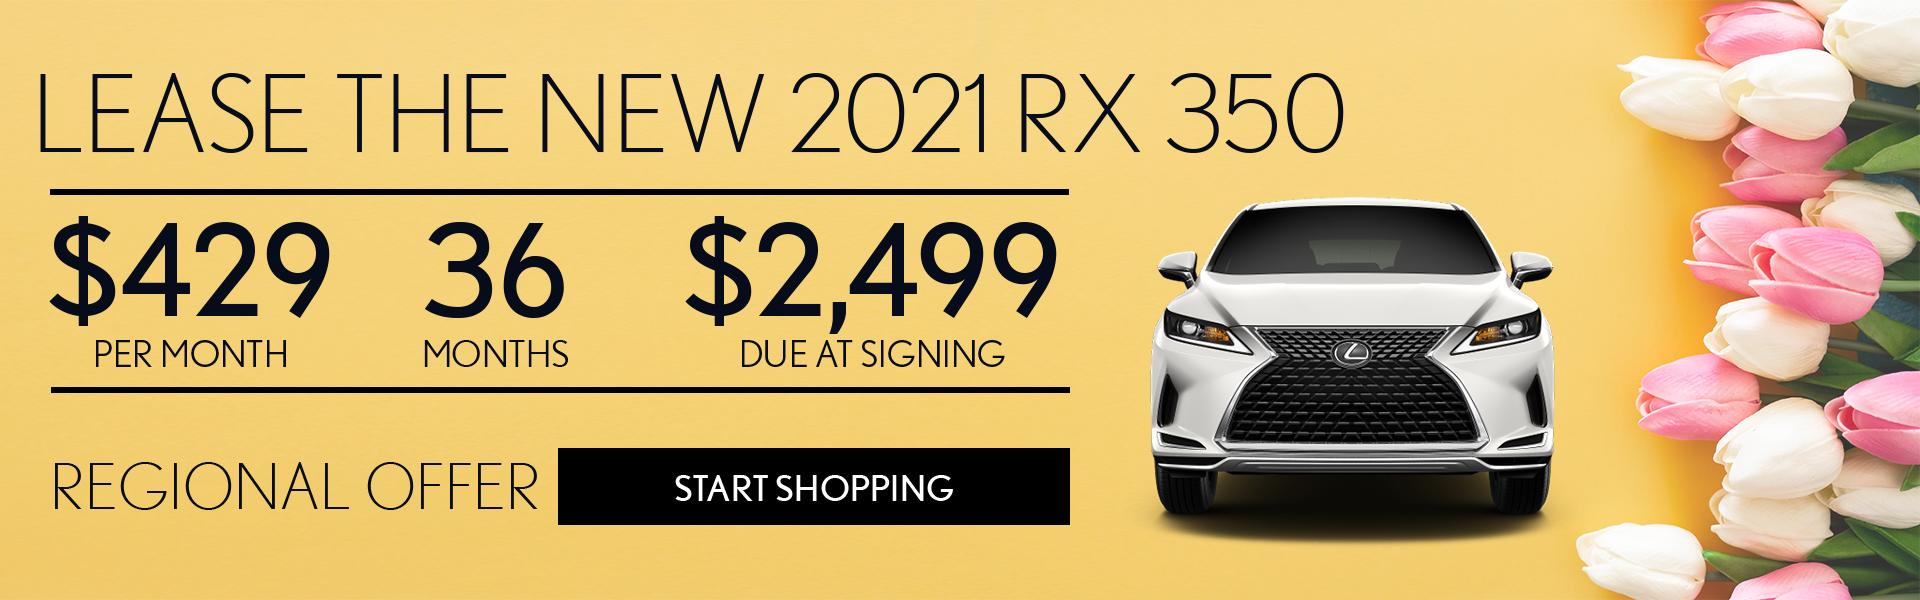 2021 RX – 1920 x 600